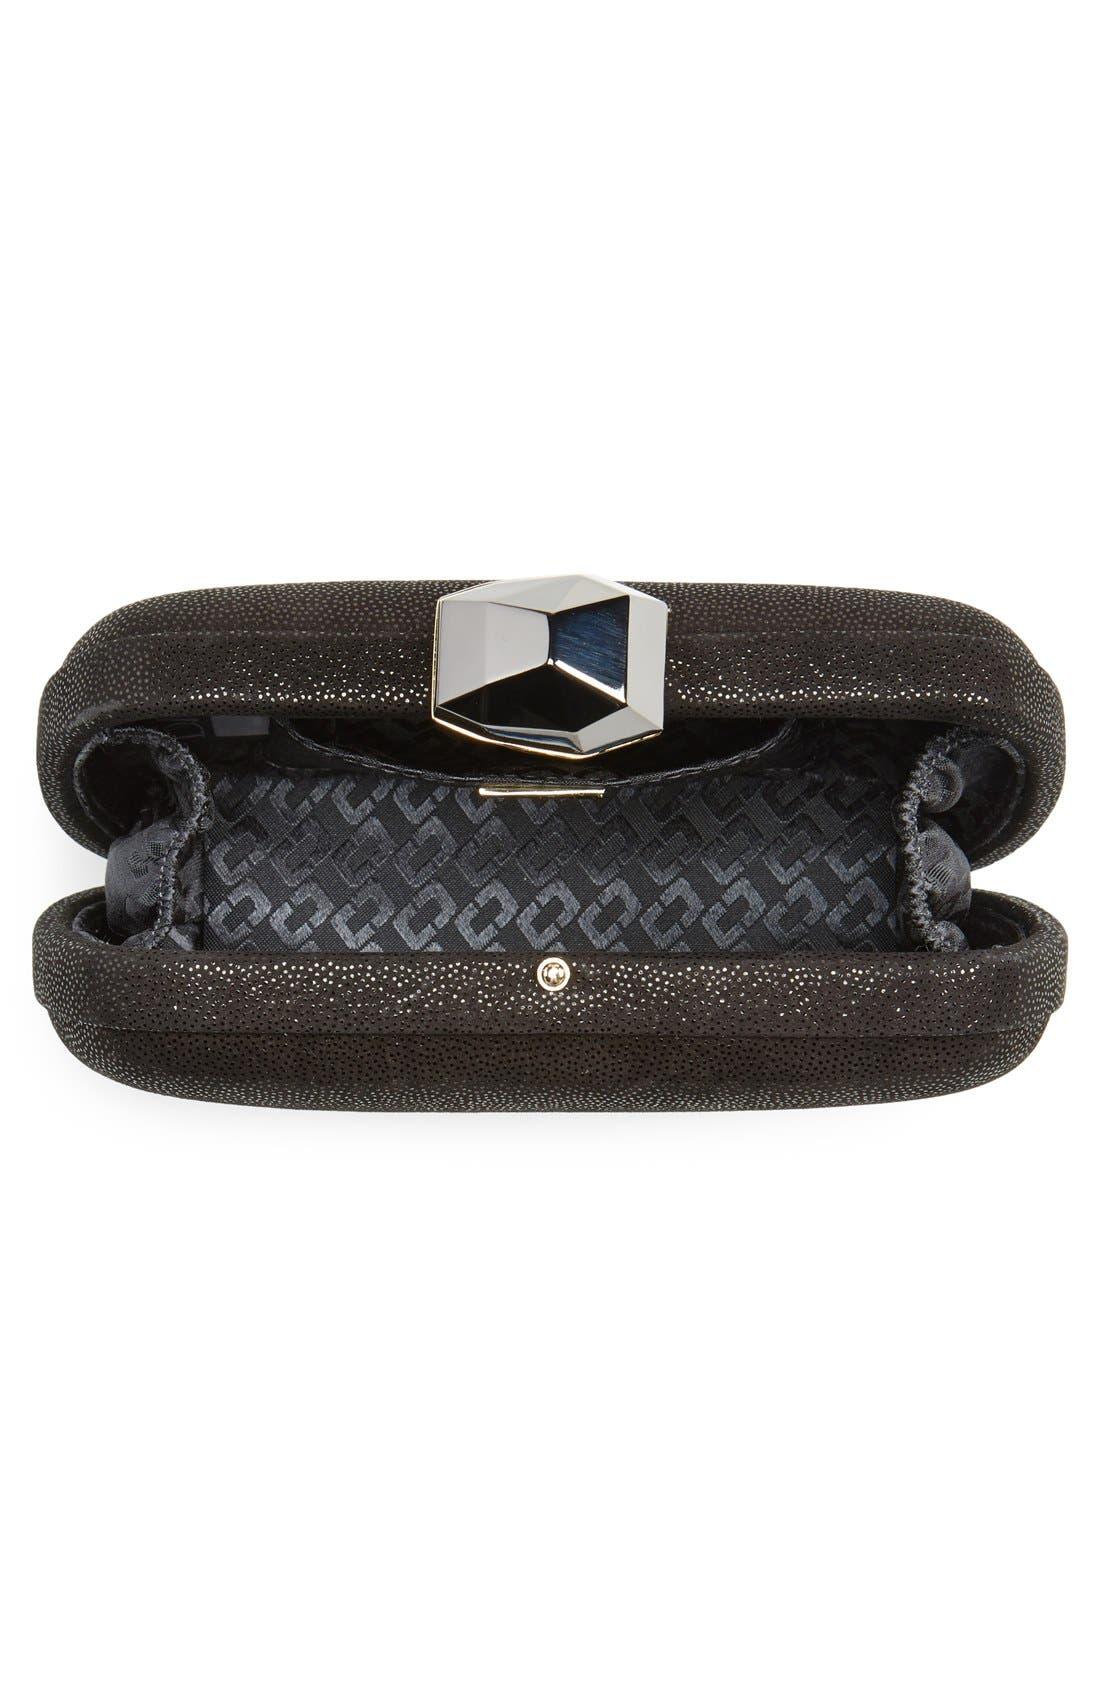 Alternate Image 4  - Diane von Furstenberg 'Powerstone Sparkle Caviar' Leather Minaudiere